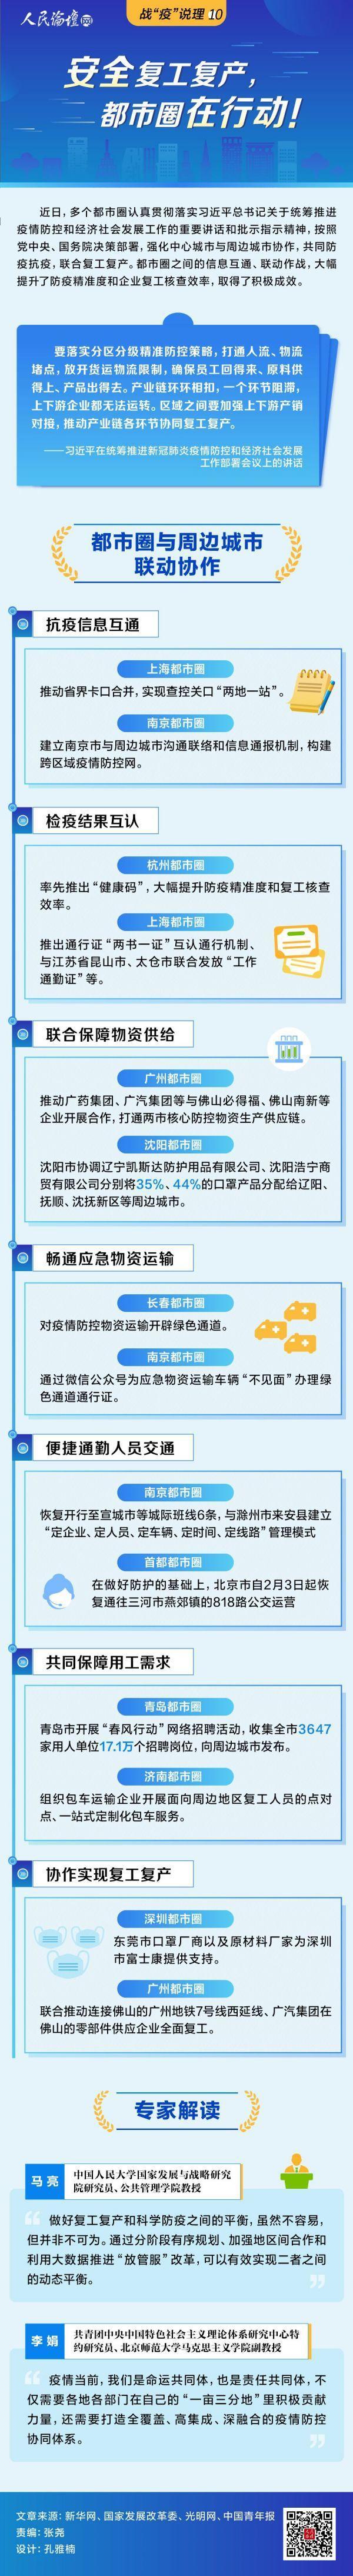 QQ图片20200303092658